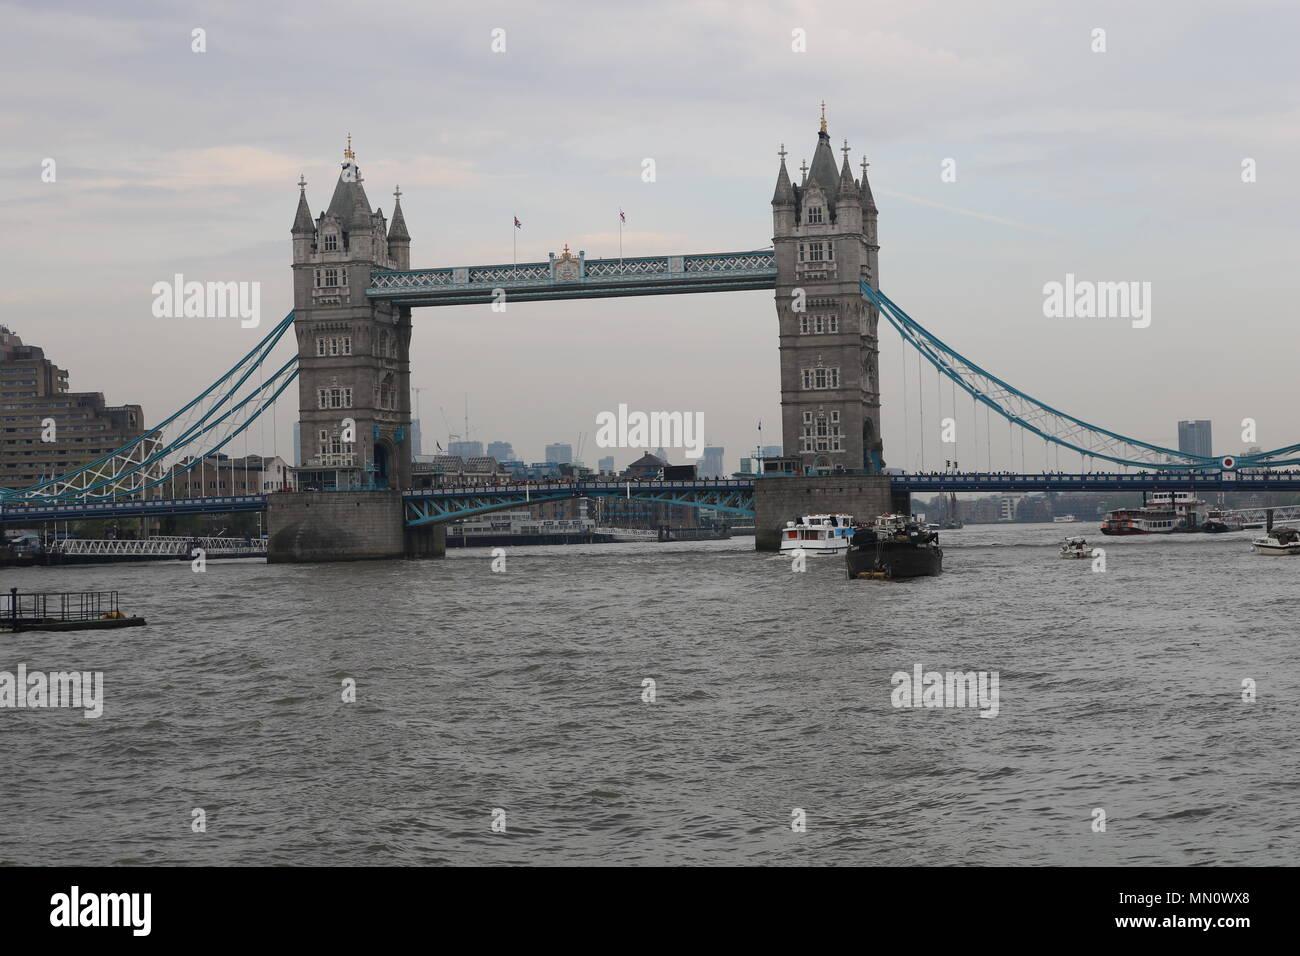 Image of Tower Bridge, an iconic symbol of London, United Kingdom - Stock Image